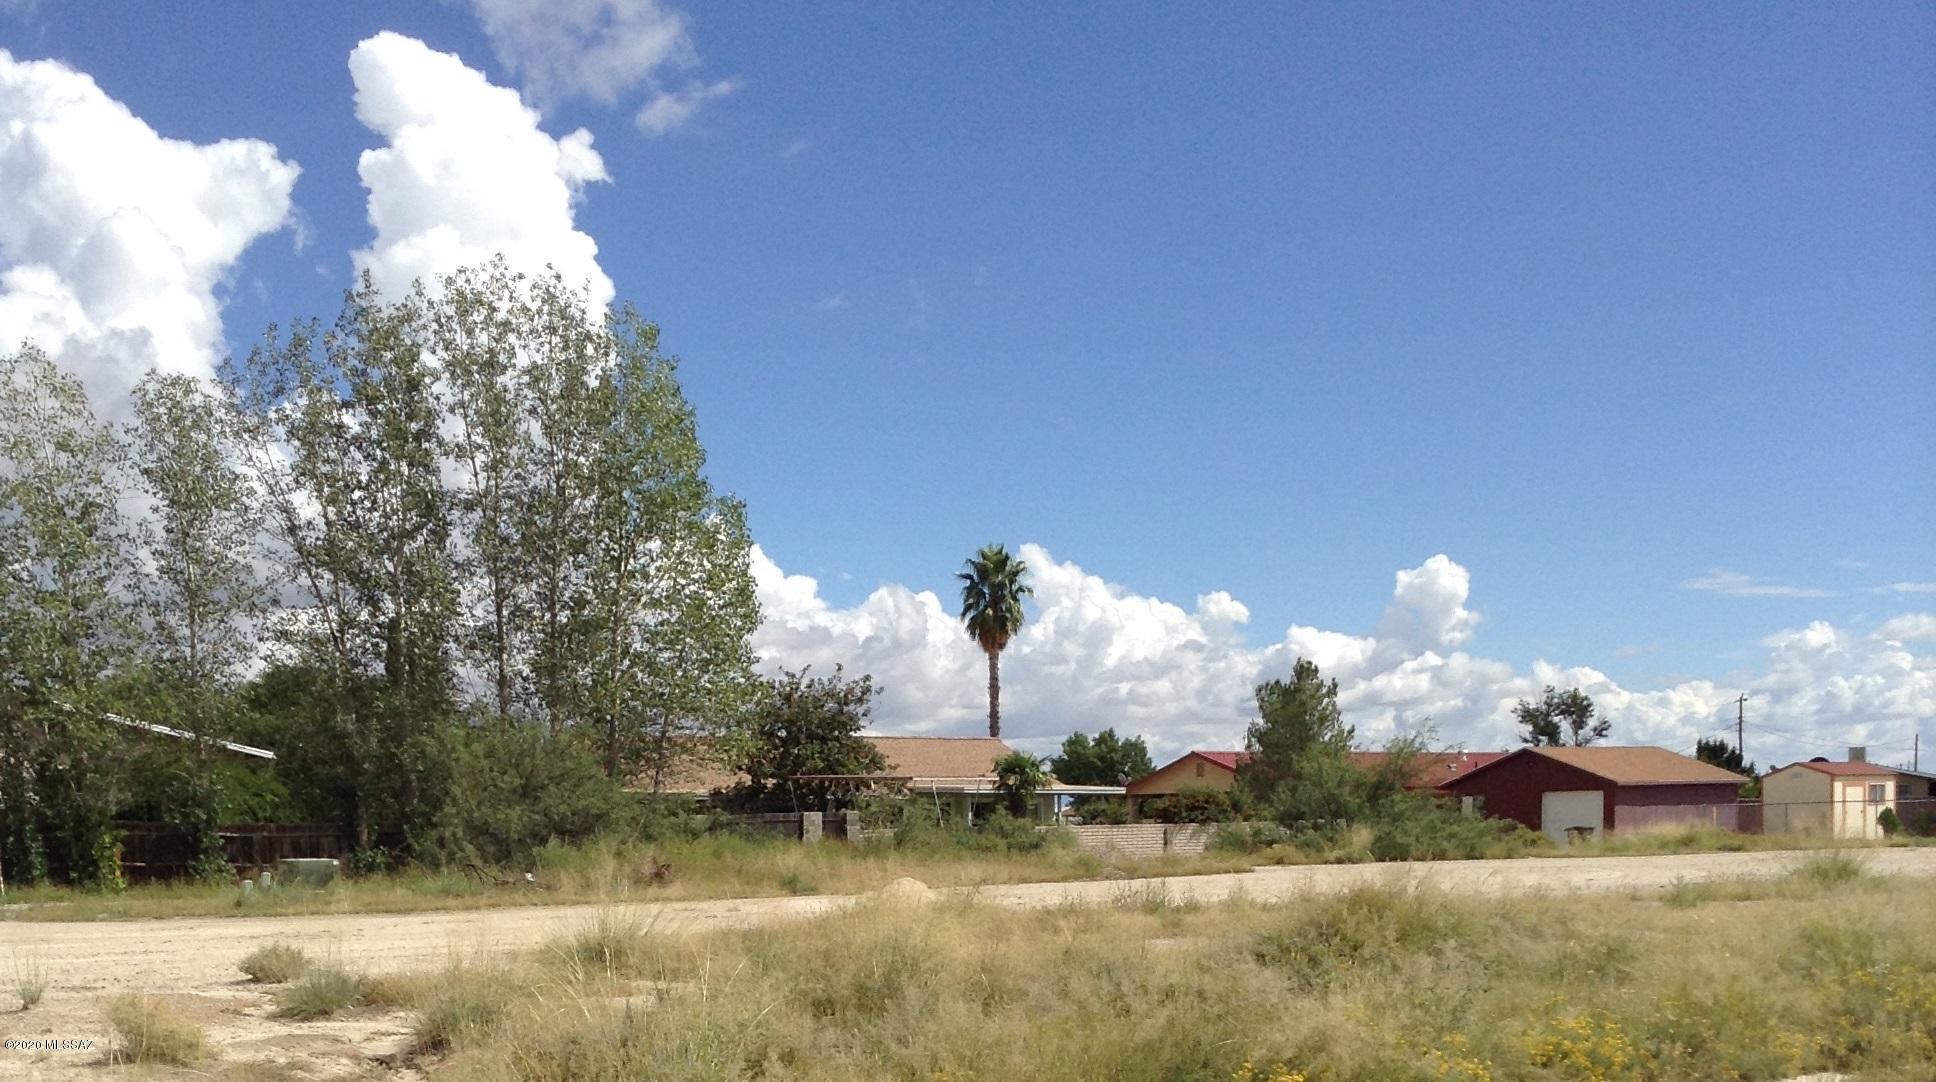 00 Ironwood Lane, Willcox, Arizona 85643, ,Lots And Land,For Sale,00 Ironwood Lane,22022514